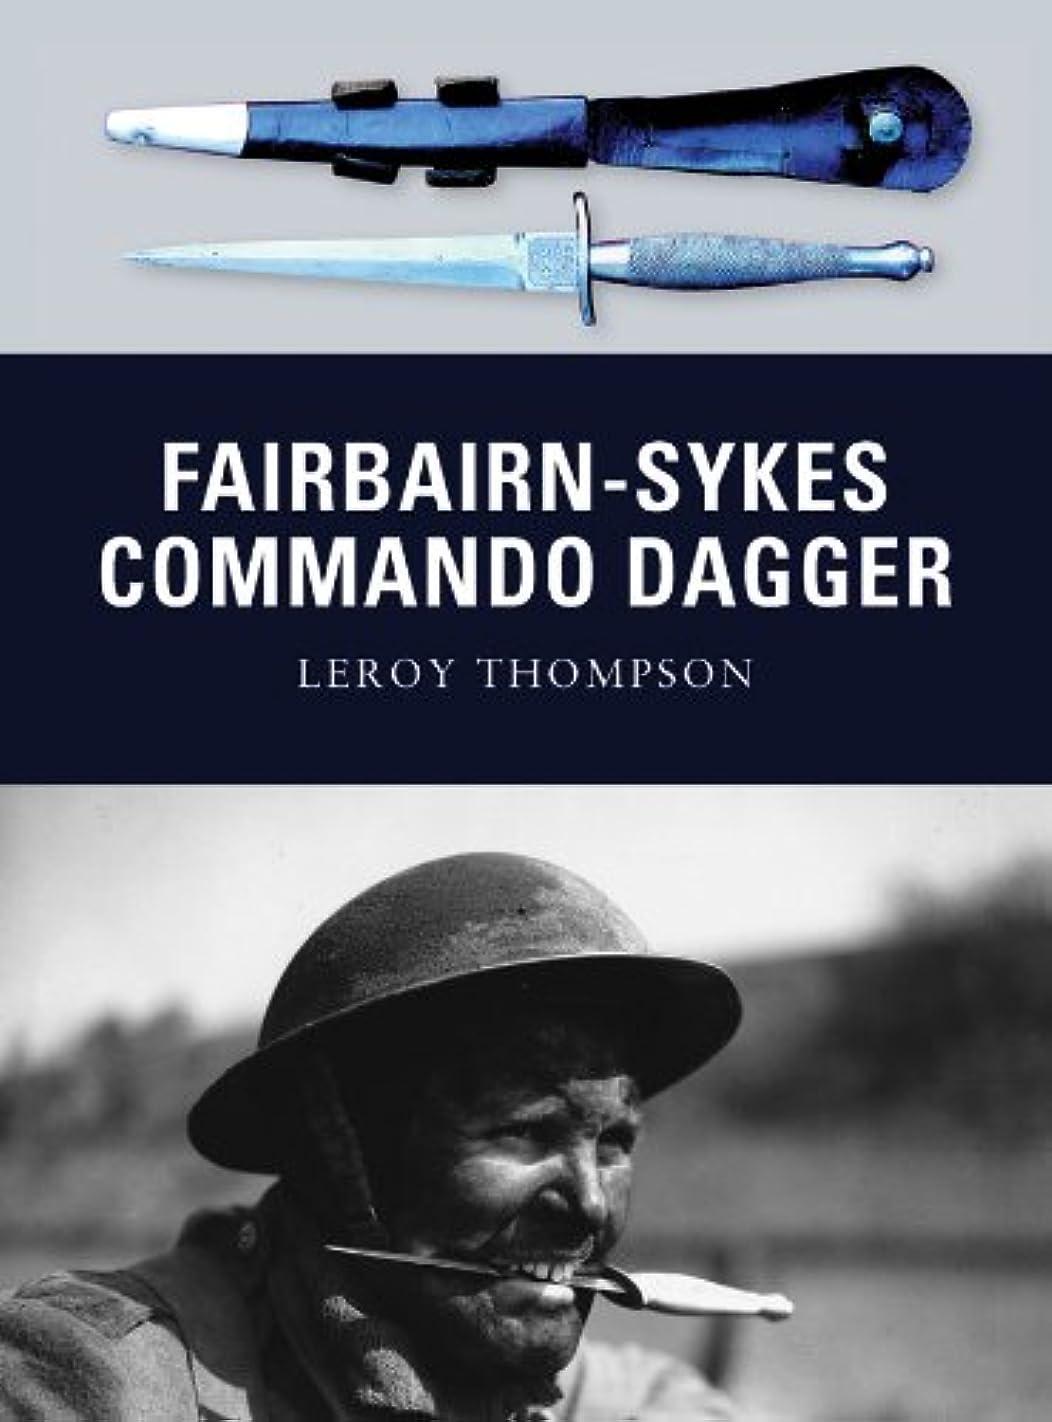 異常留まるくさびFairbairn-Sykes Commando Dagger (Weapon Book 7) (English Edition)